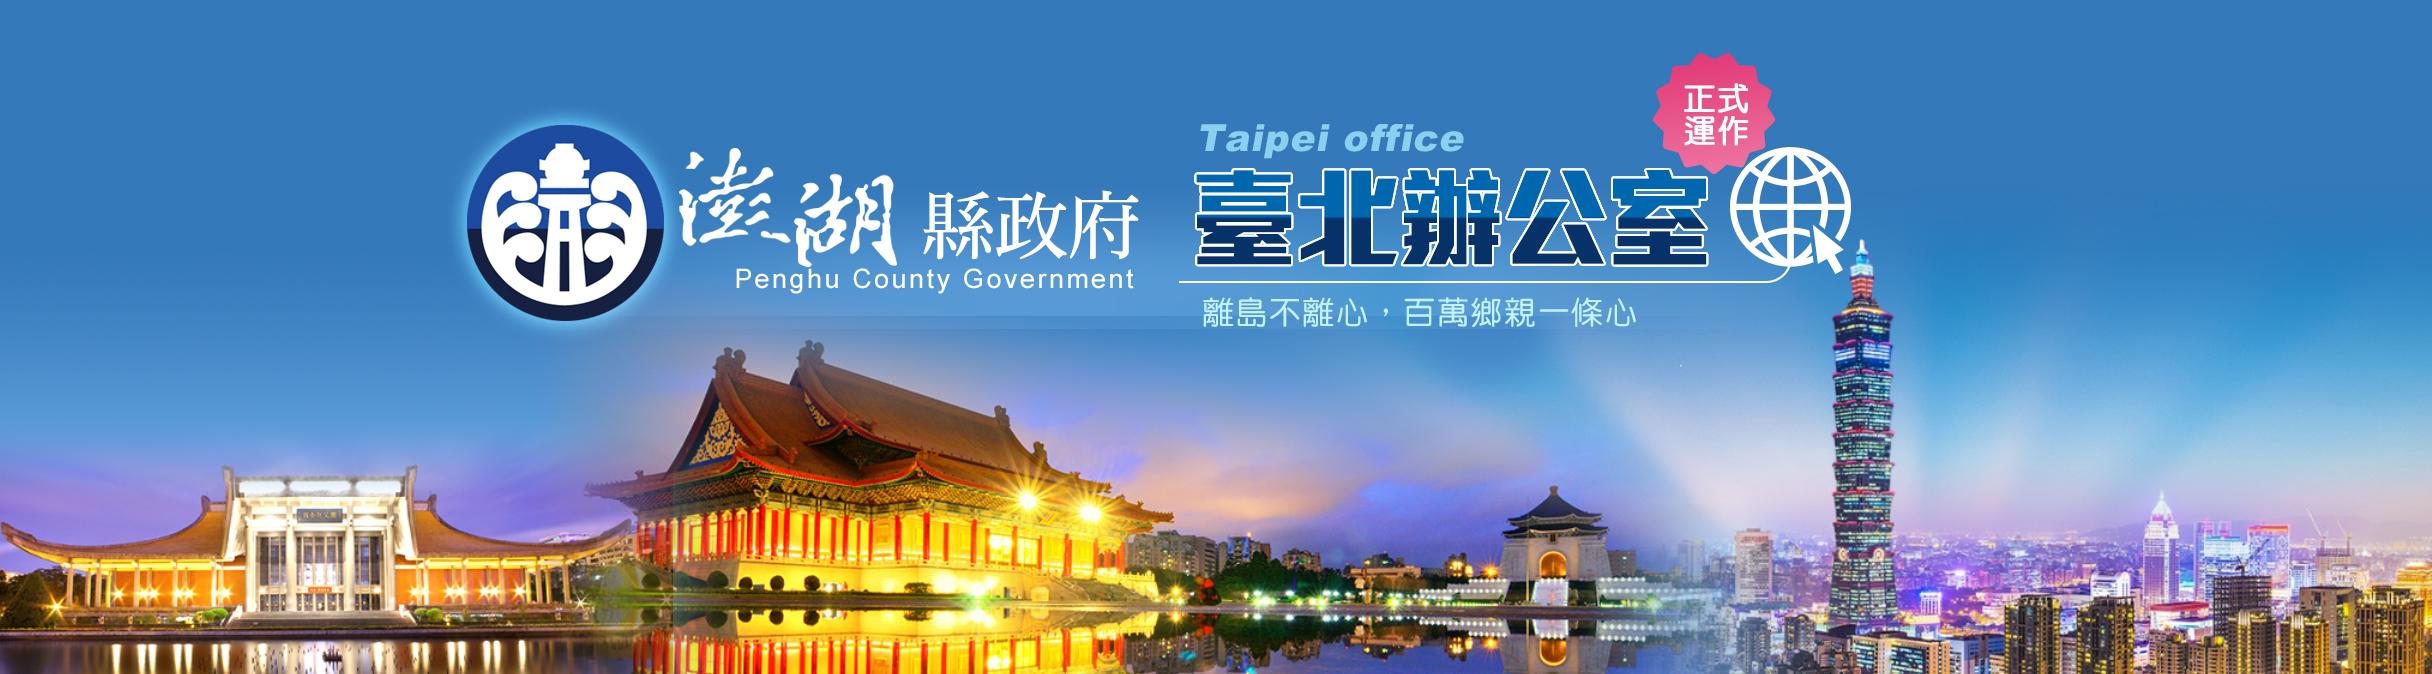 臺北辦公室 Taipei office(另開視窗)